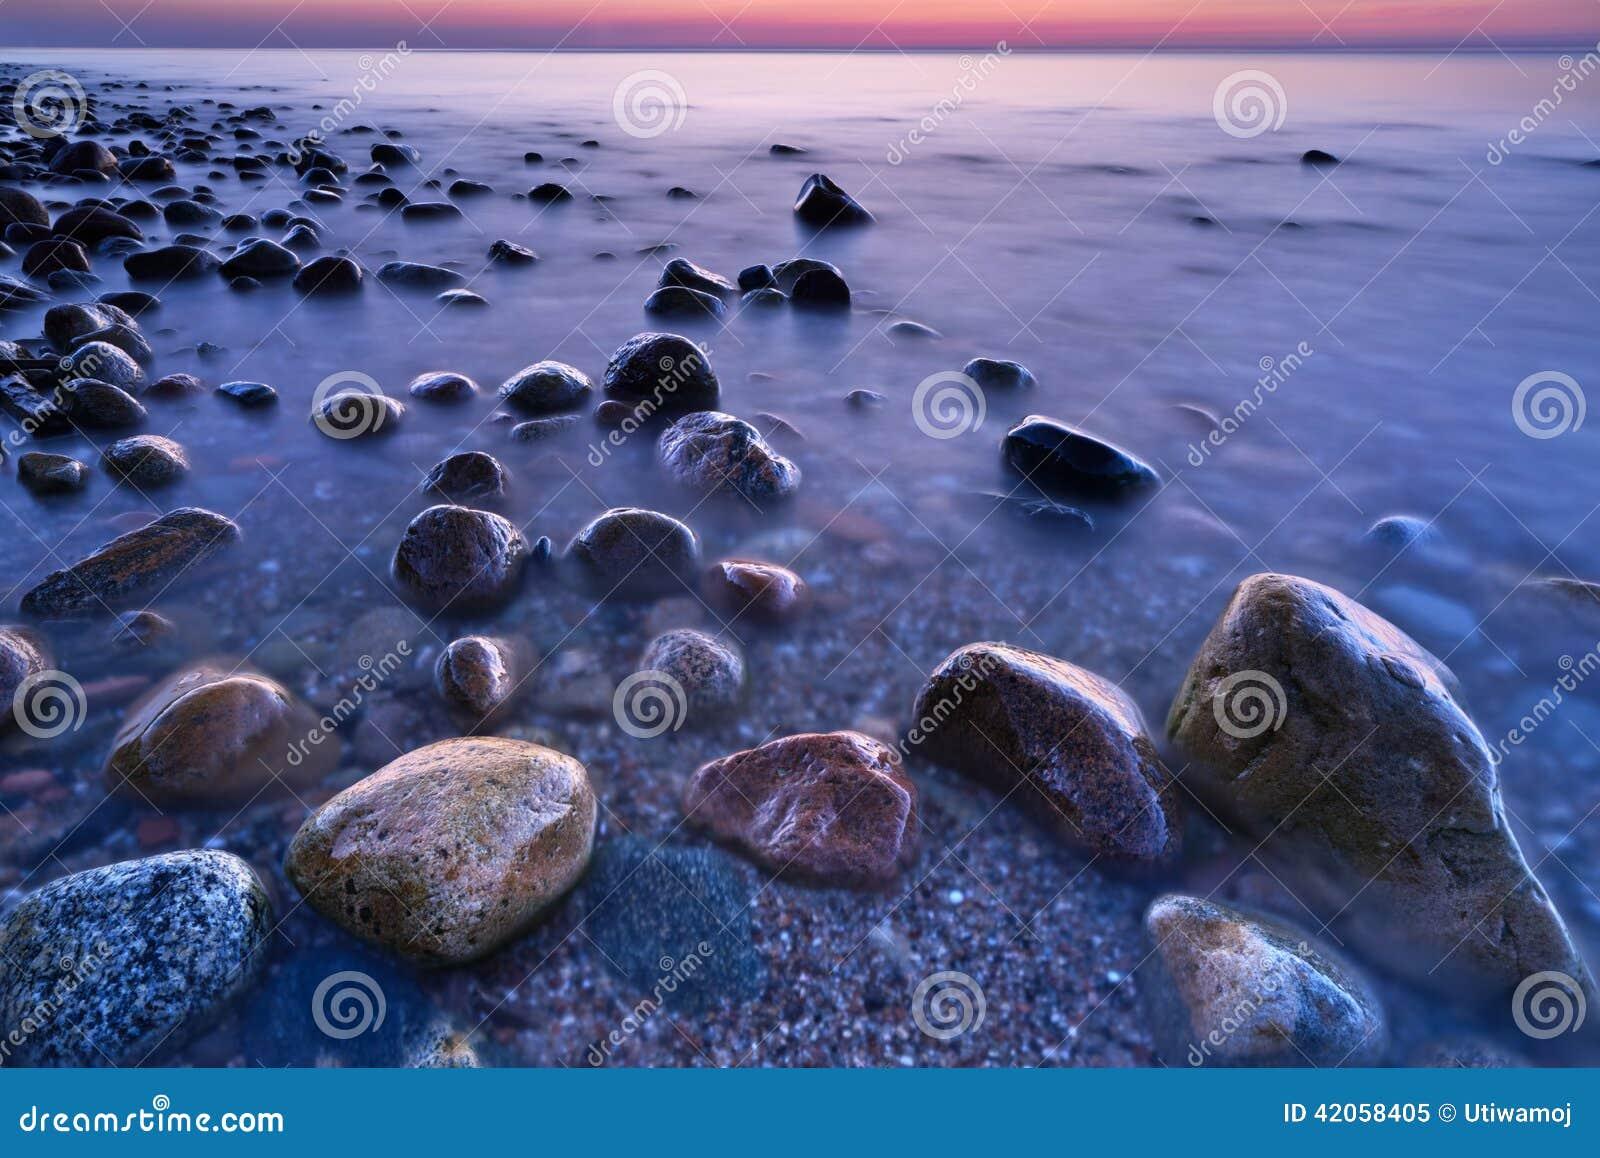 on stones ocean - photo #11